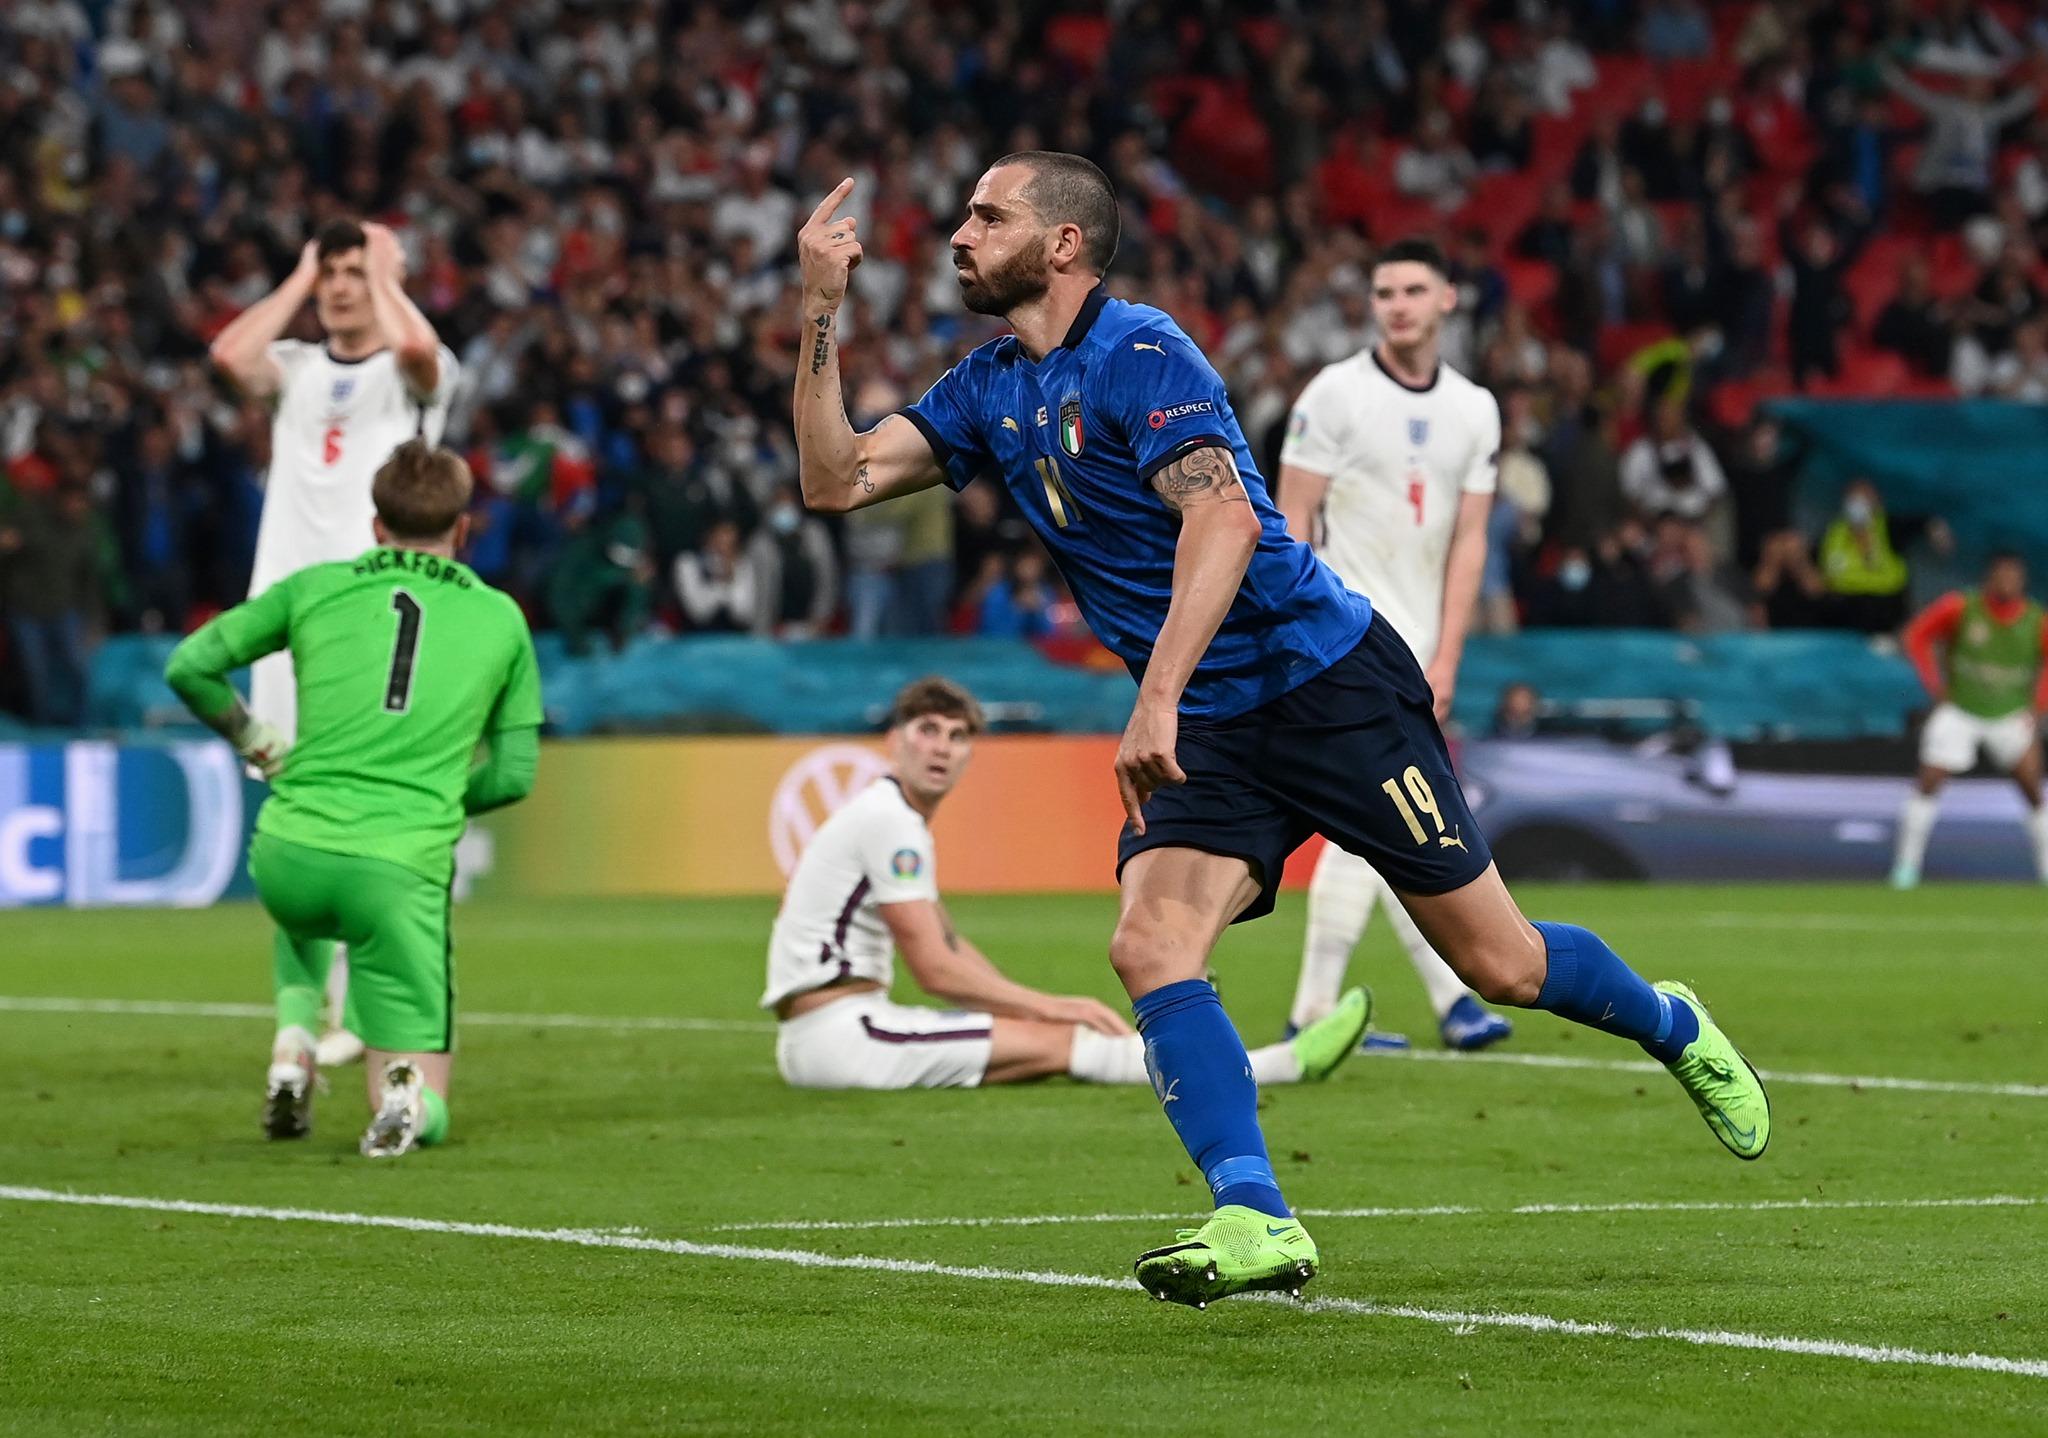 यूरो कप फुटबल २०२० को उपाधि इटालीले हात पार्यो